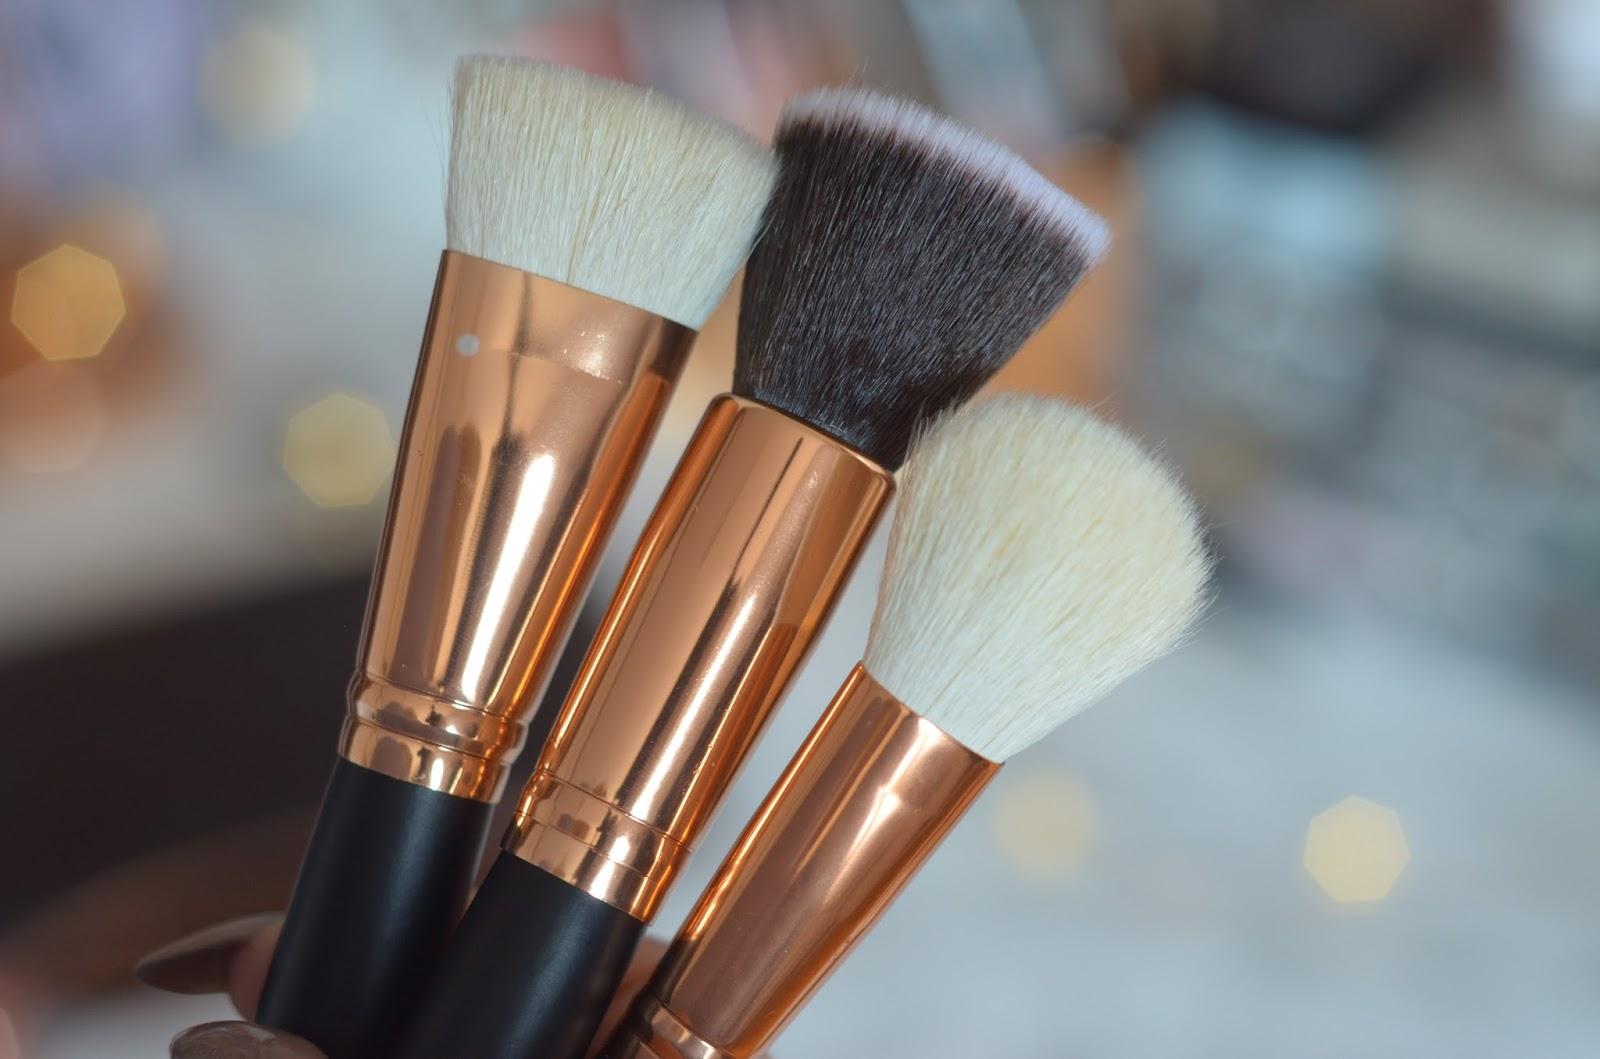 dupe brushes